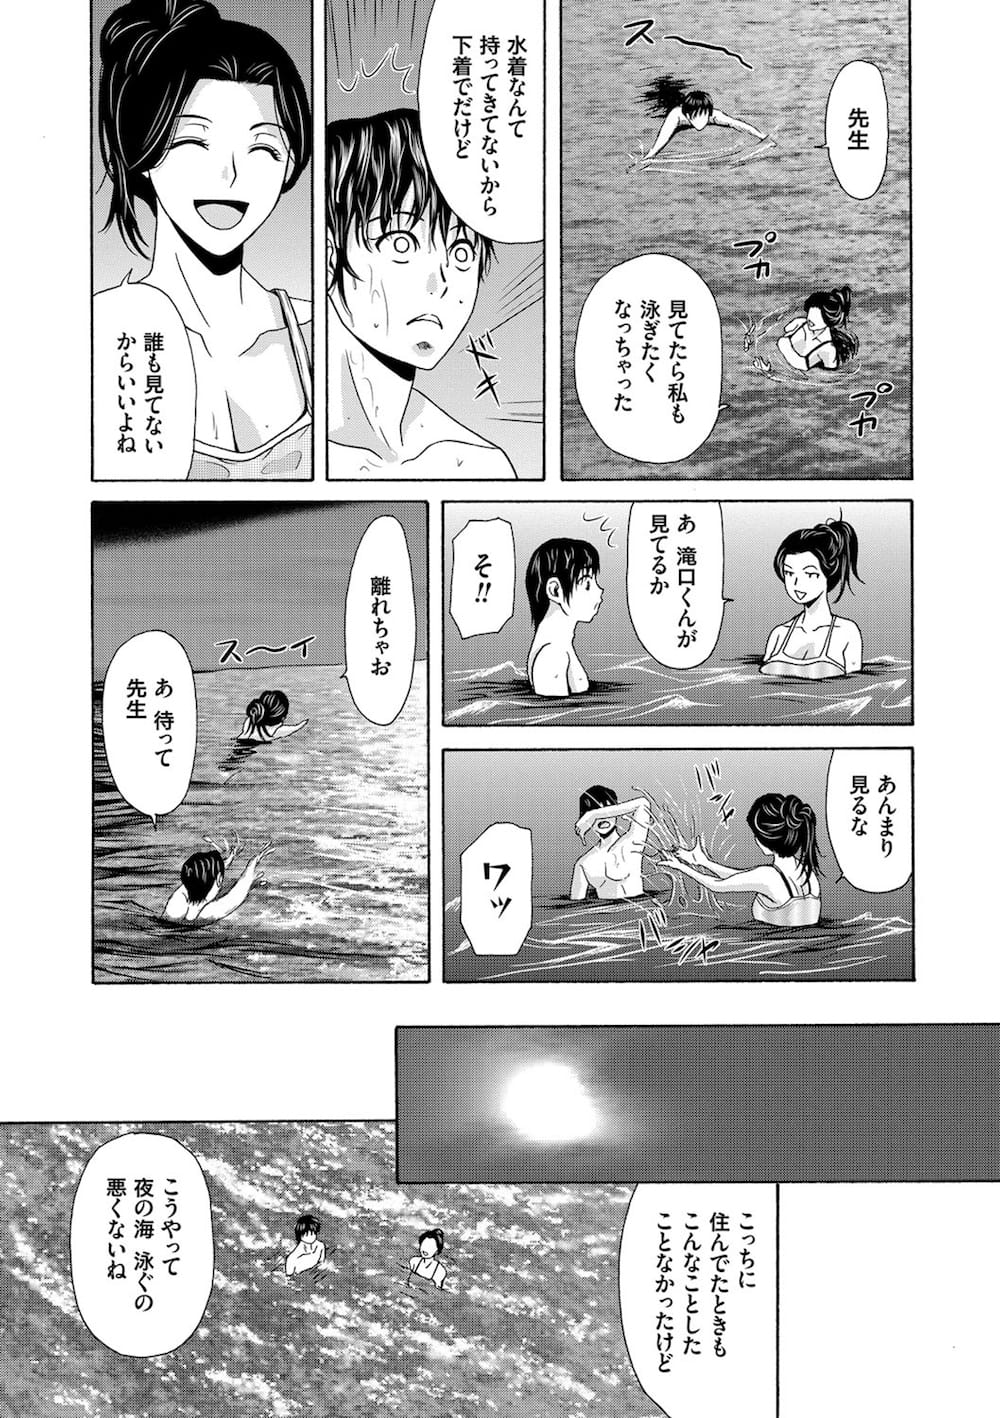 【長編エロ漫画・第2話】夜の海で悶々とした二人は泳ぐ!女教師の助け乳首に勃起する男子生徒!二人はそのままカーセックス!童貞くんにSEXを教えてあげる先生!【横山ミチル】